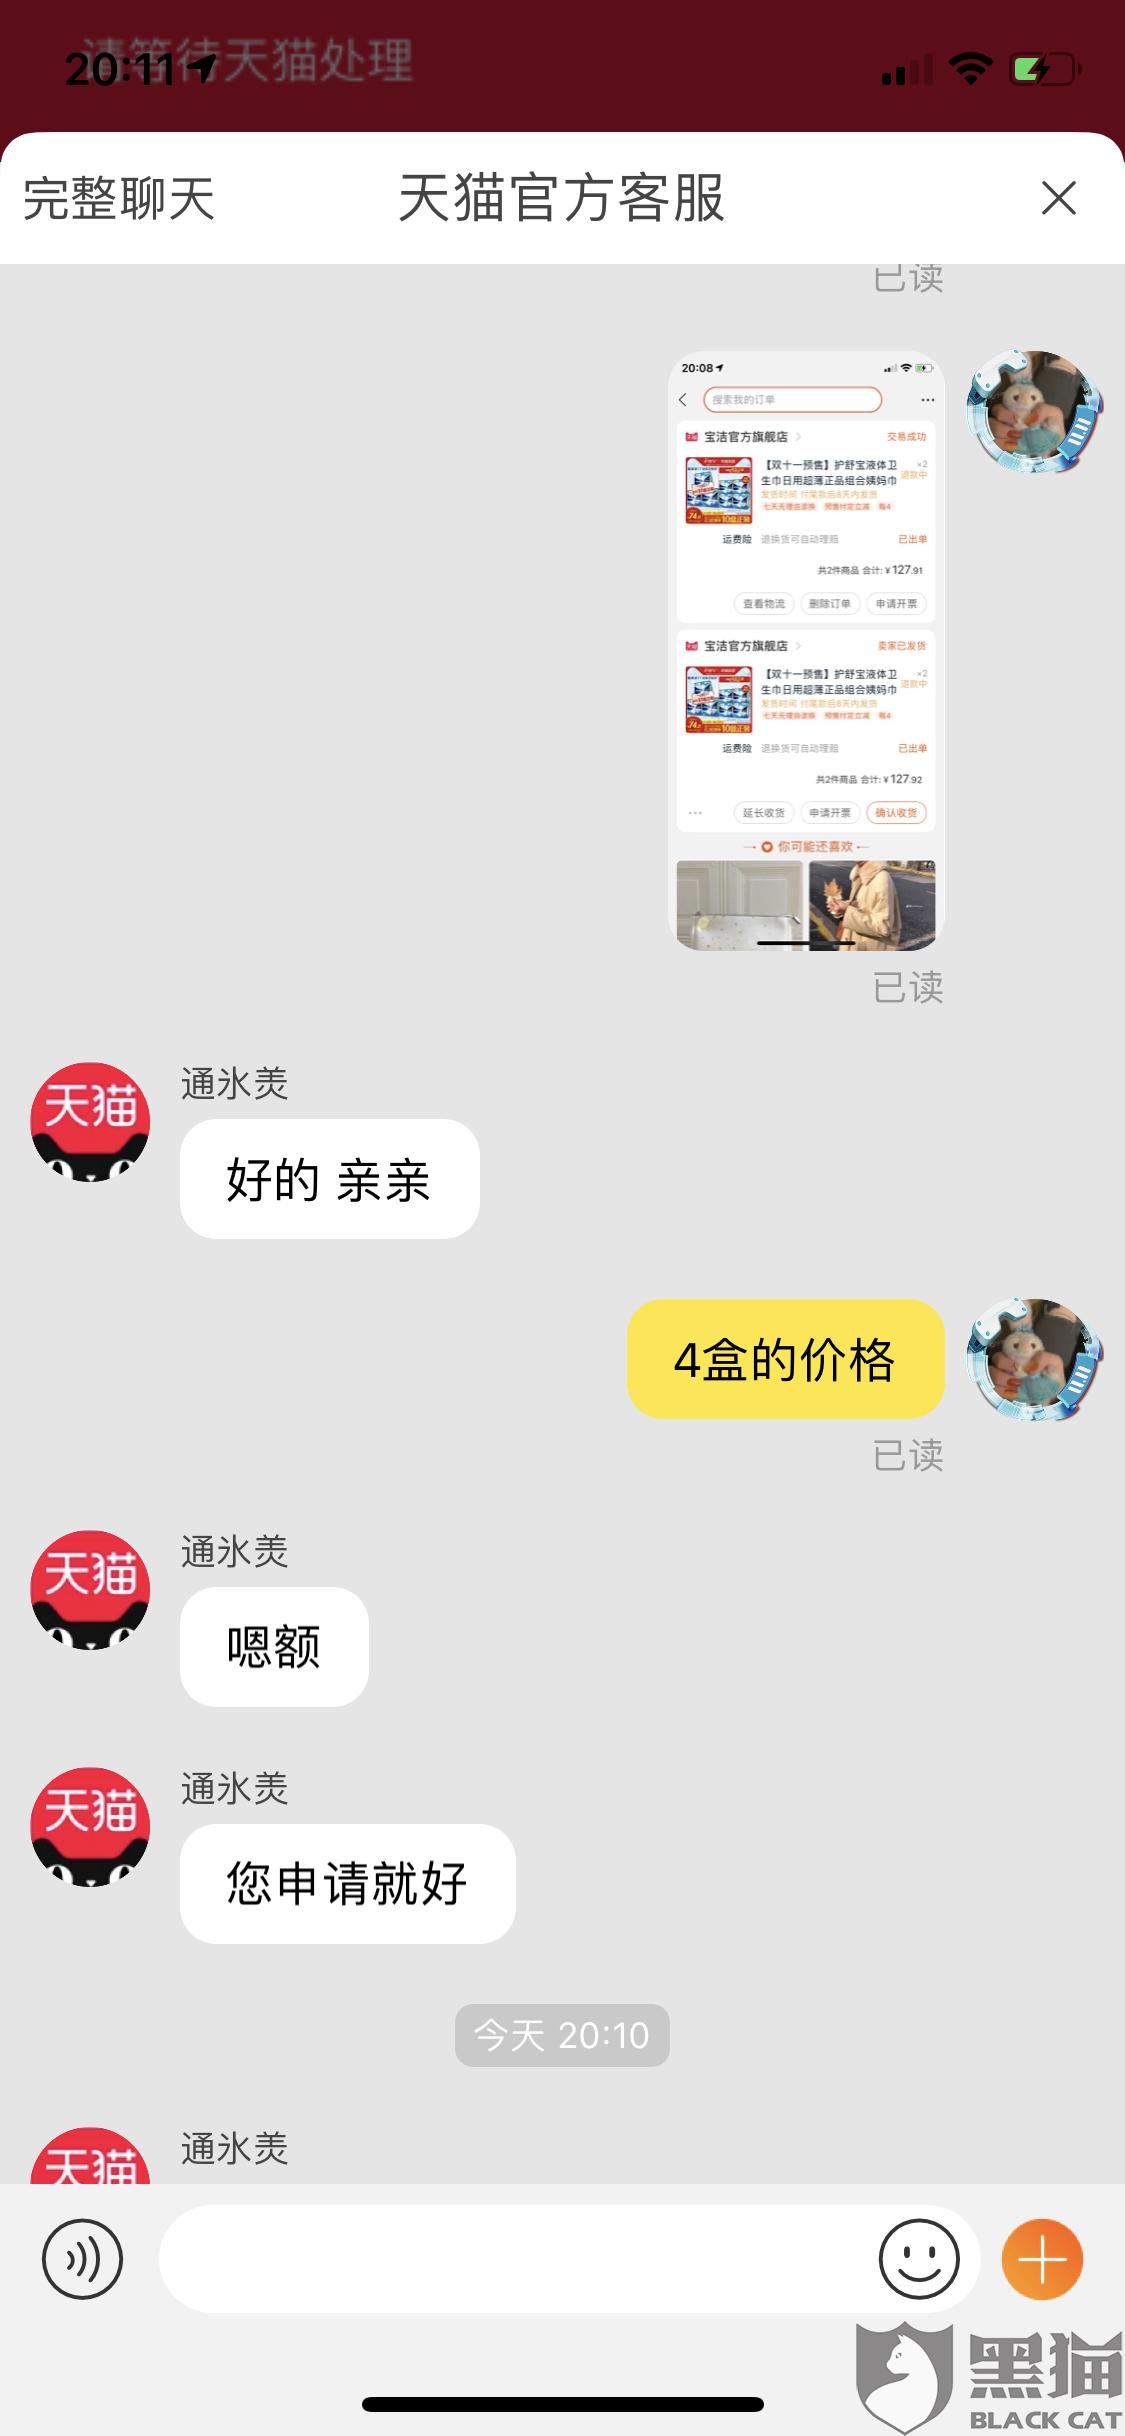 黑猫投诉:宝洁天猫官方旗舰店双十一虚假宣传